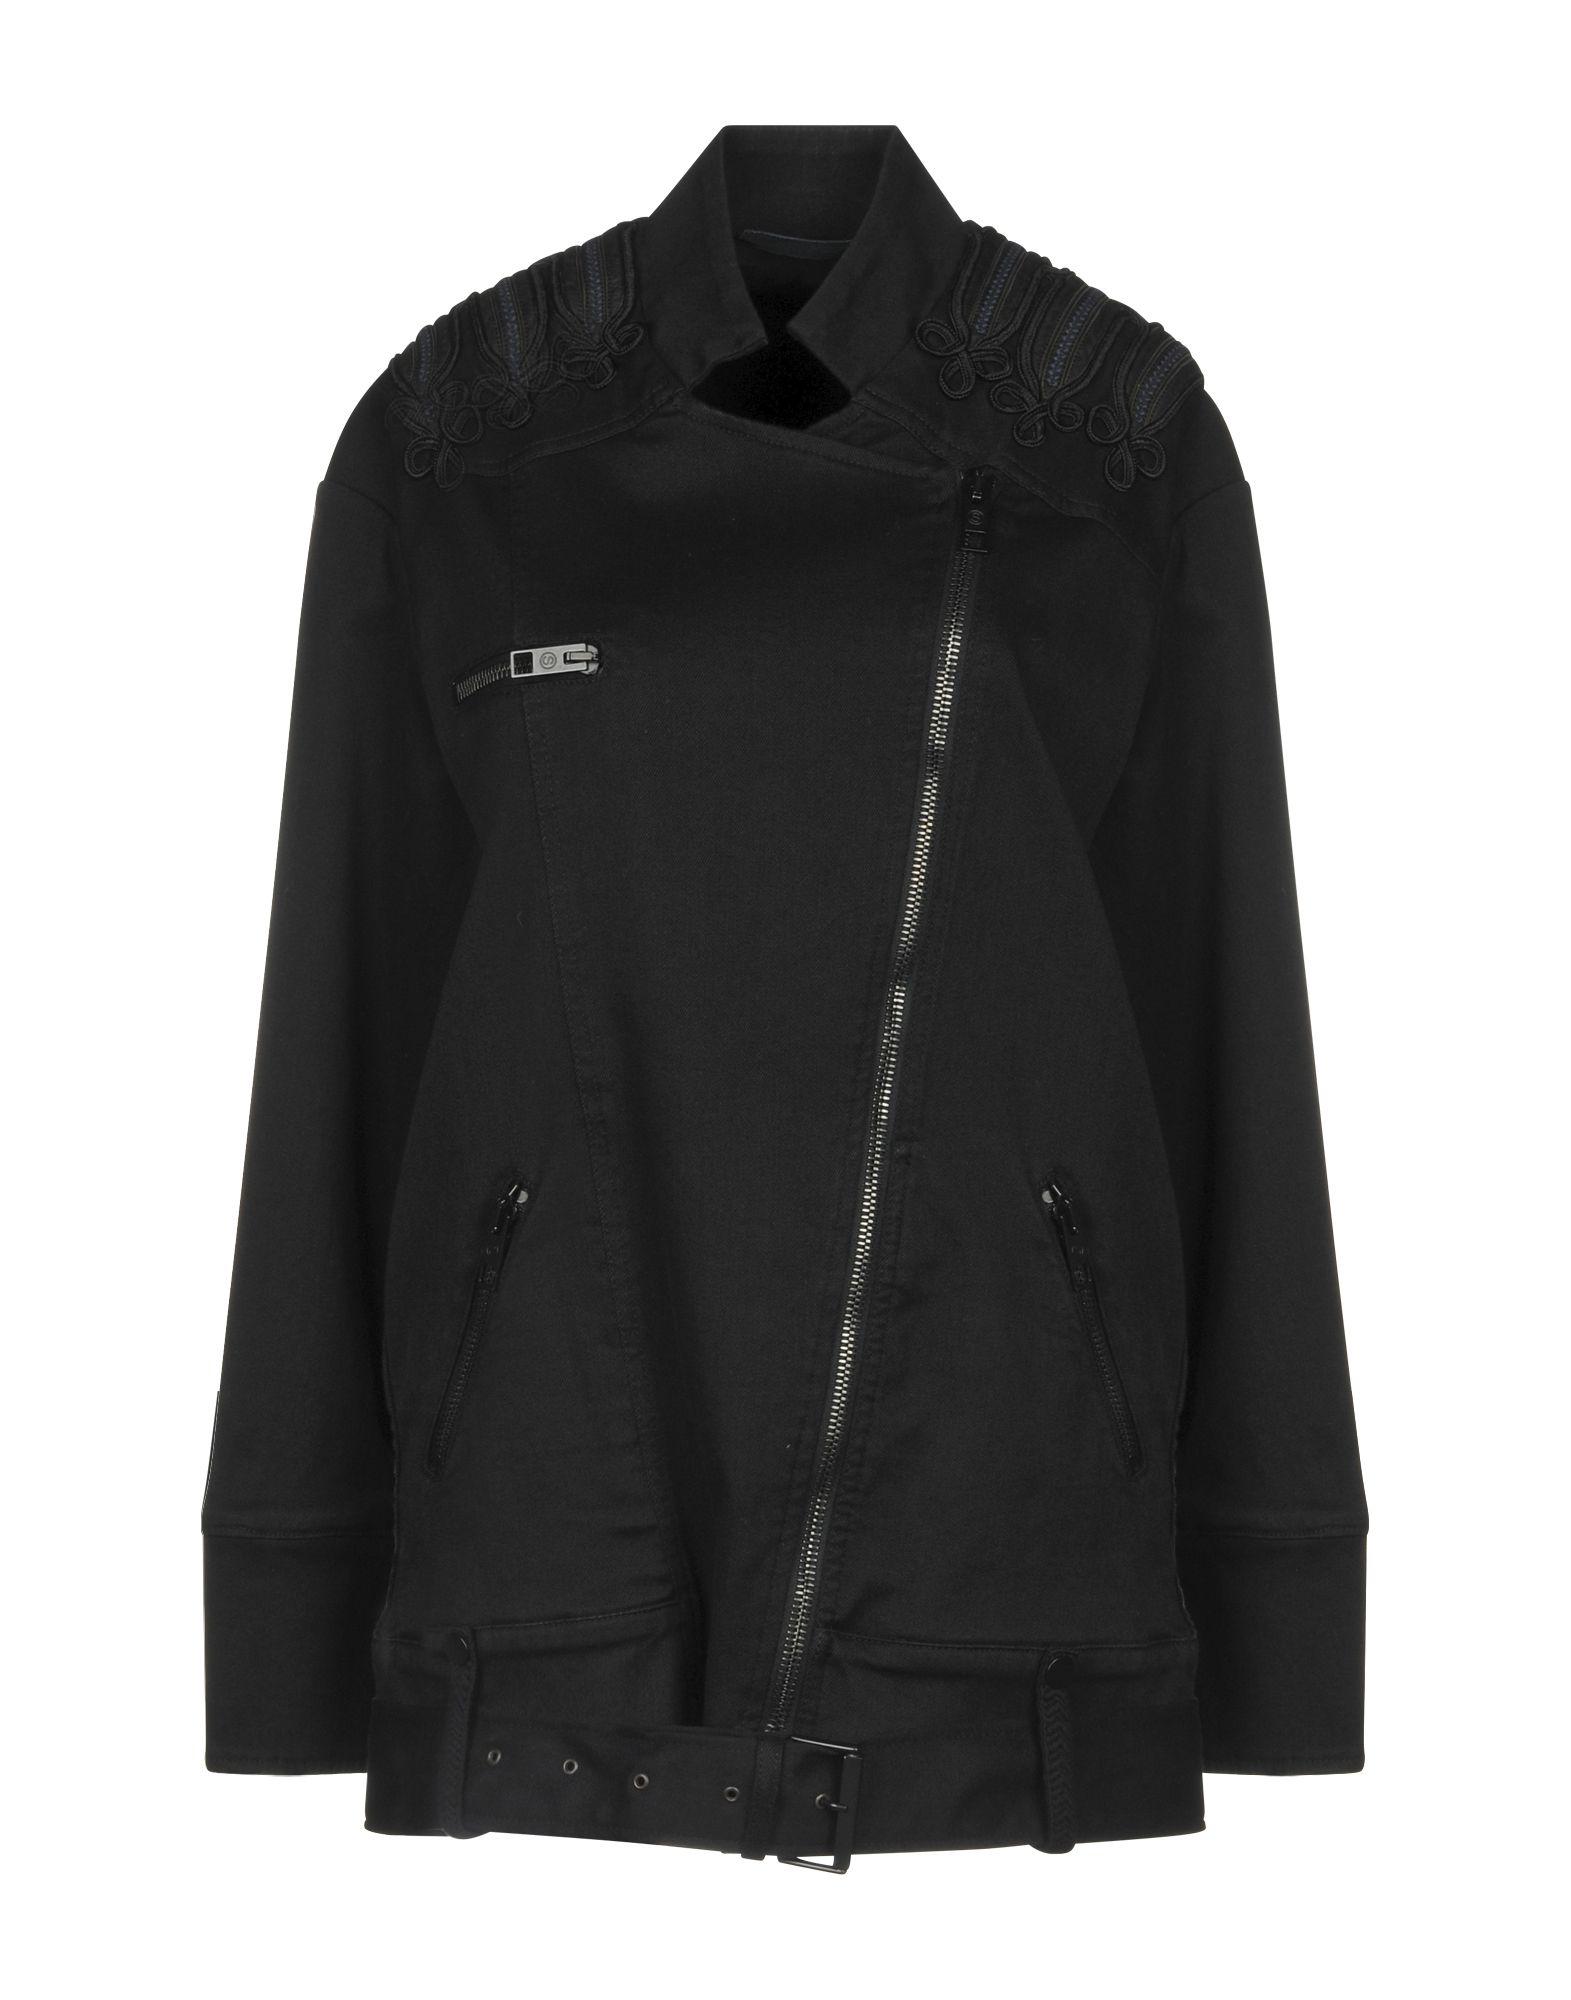 SUPERFINE Jacket in Black